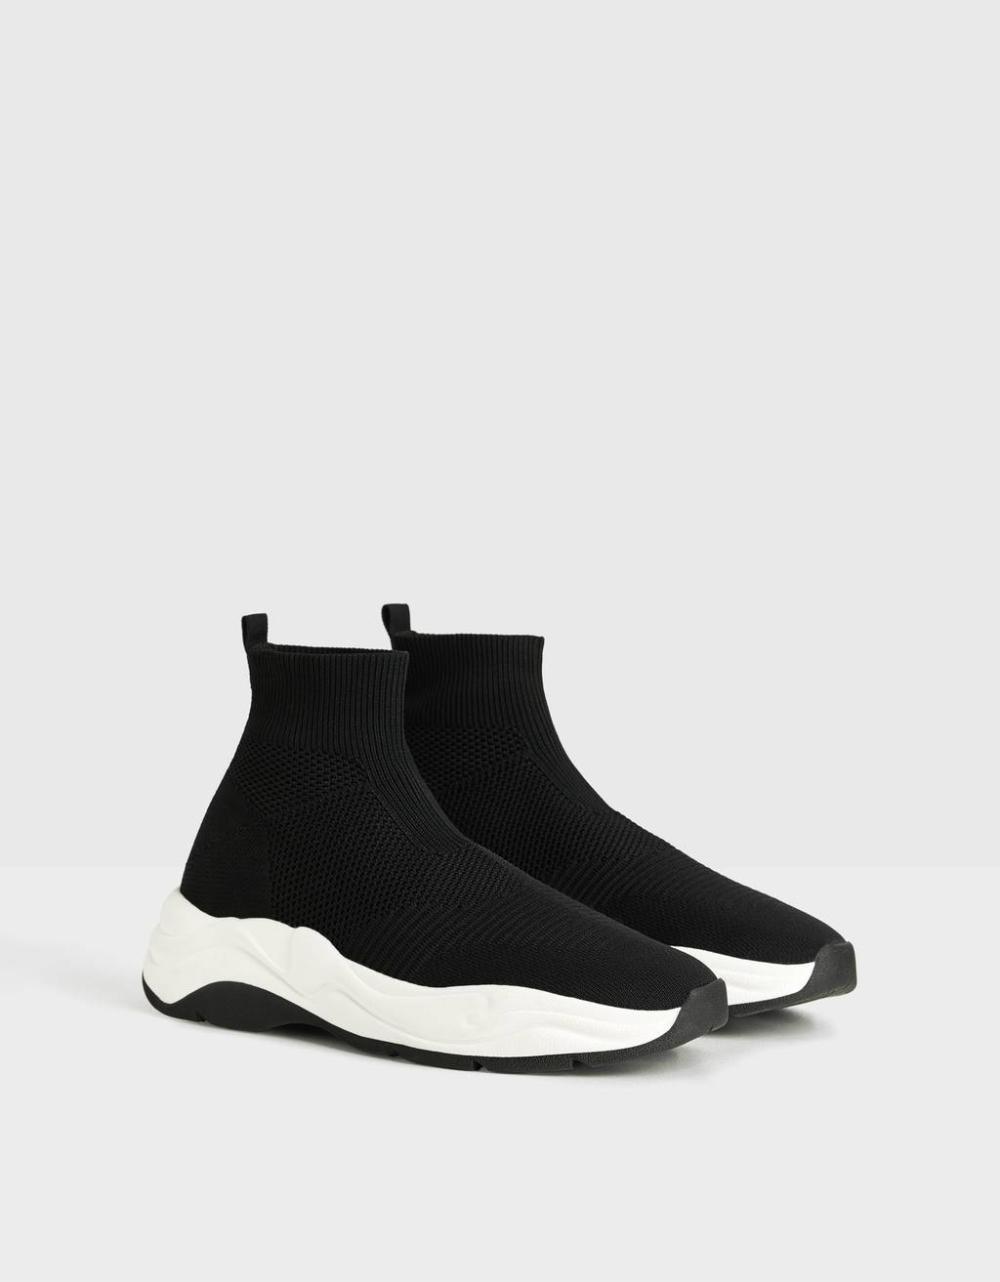 Wysokie Buty Sportowe Ze Skarpeta Buty Mezczyzna Bershka Black Sneaker Shoes Puma Fierce Sneaker